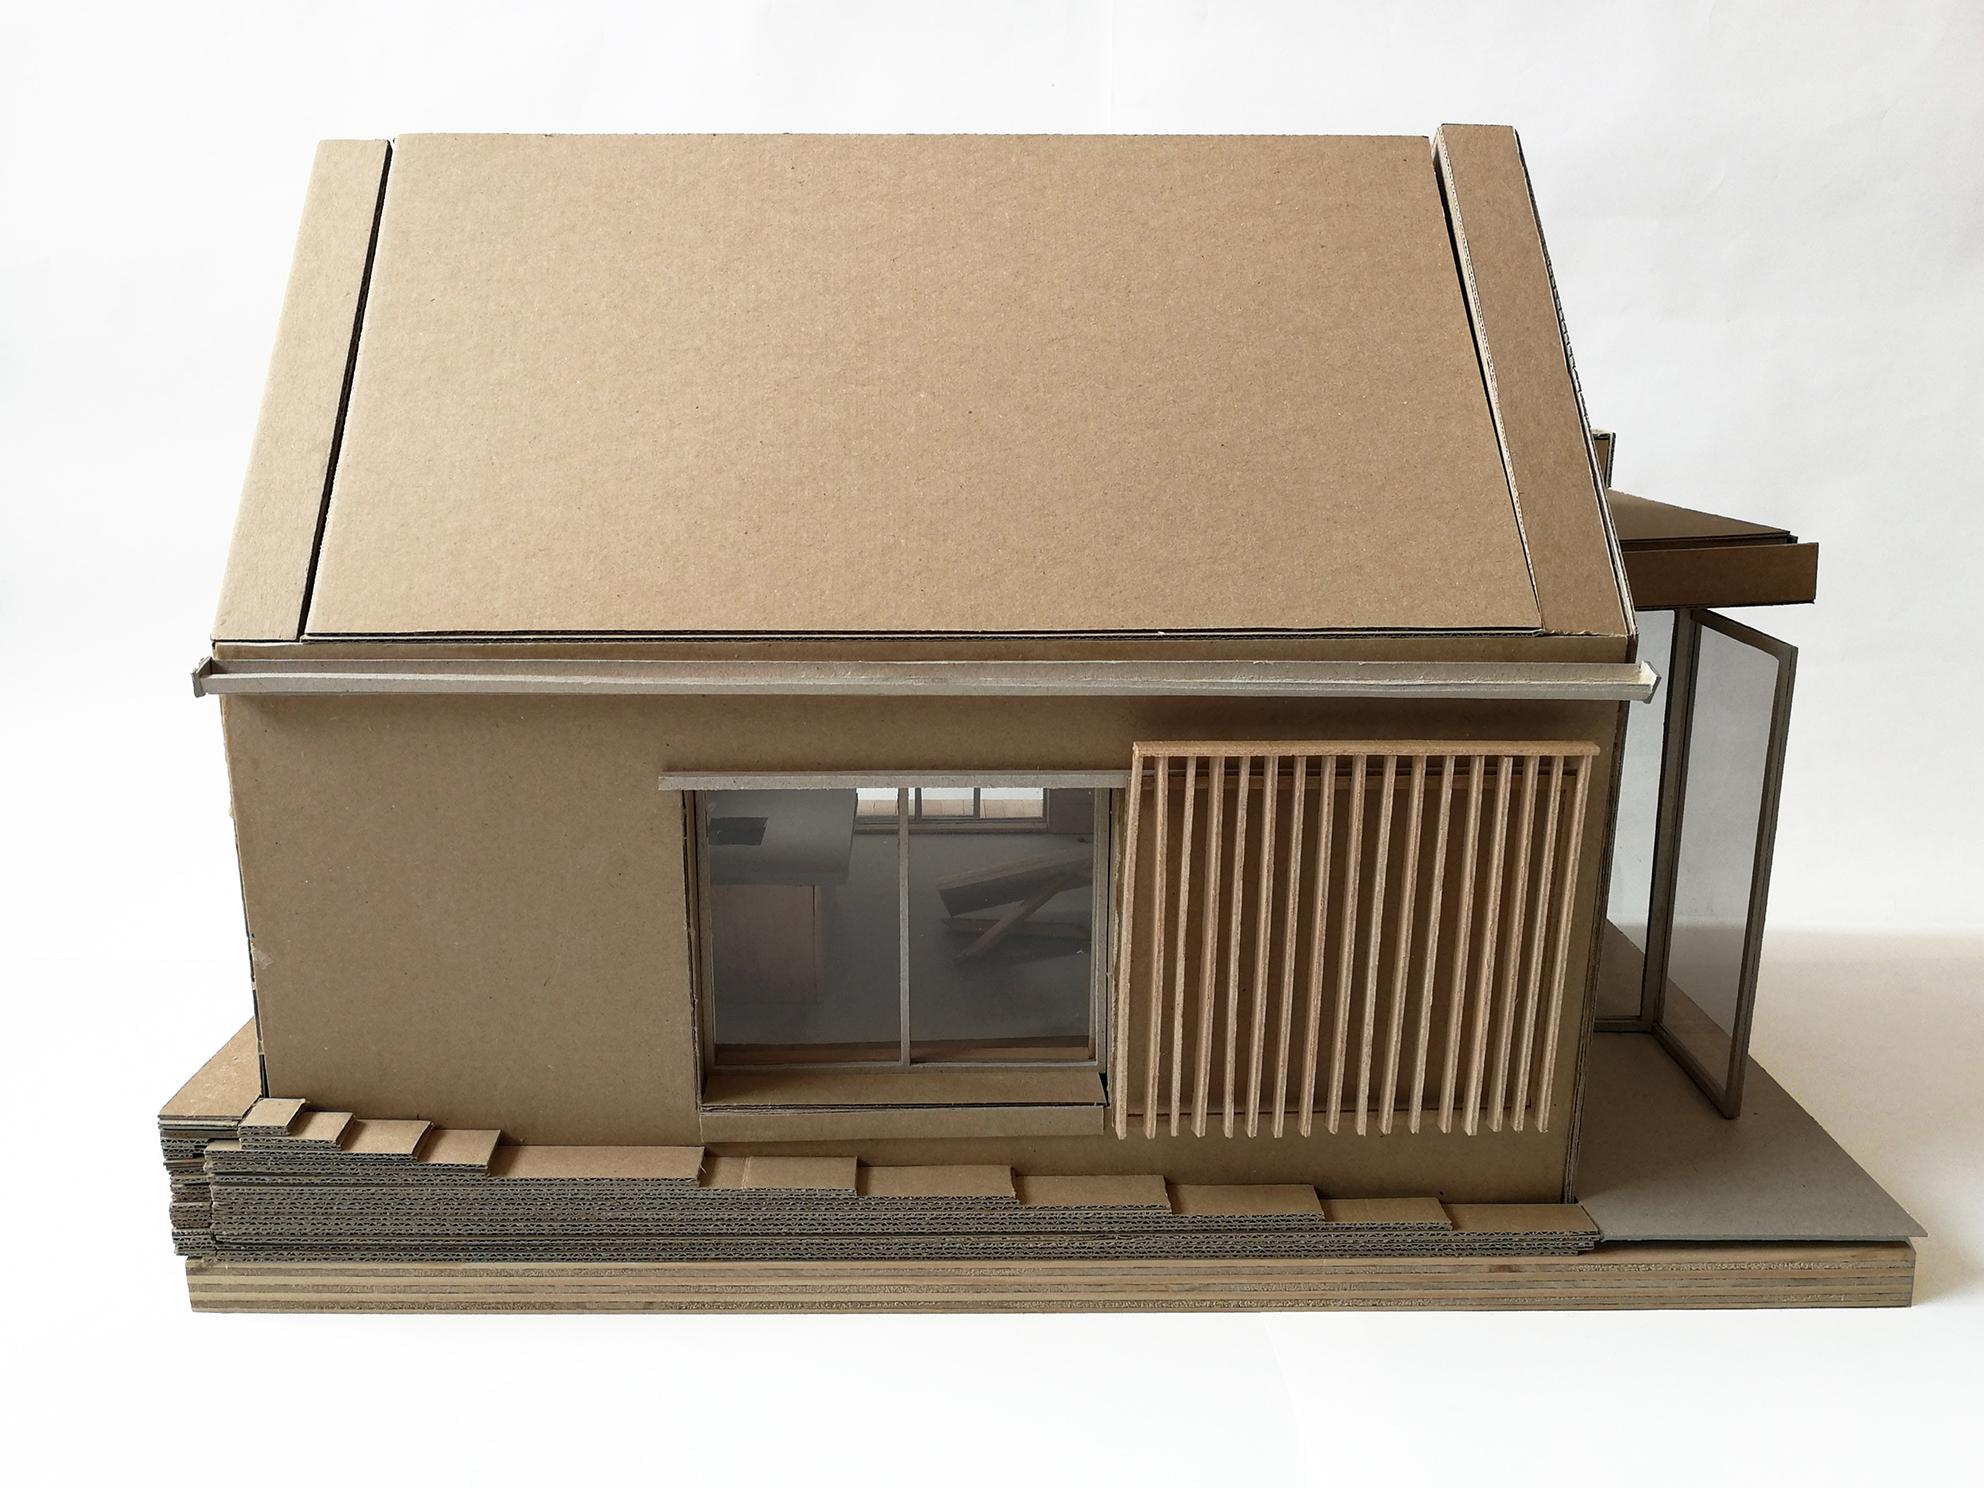 harper-perry-architects-arkangel-westerdale-barn-model